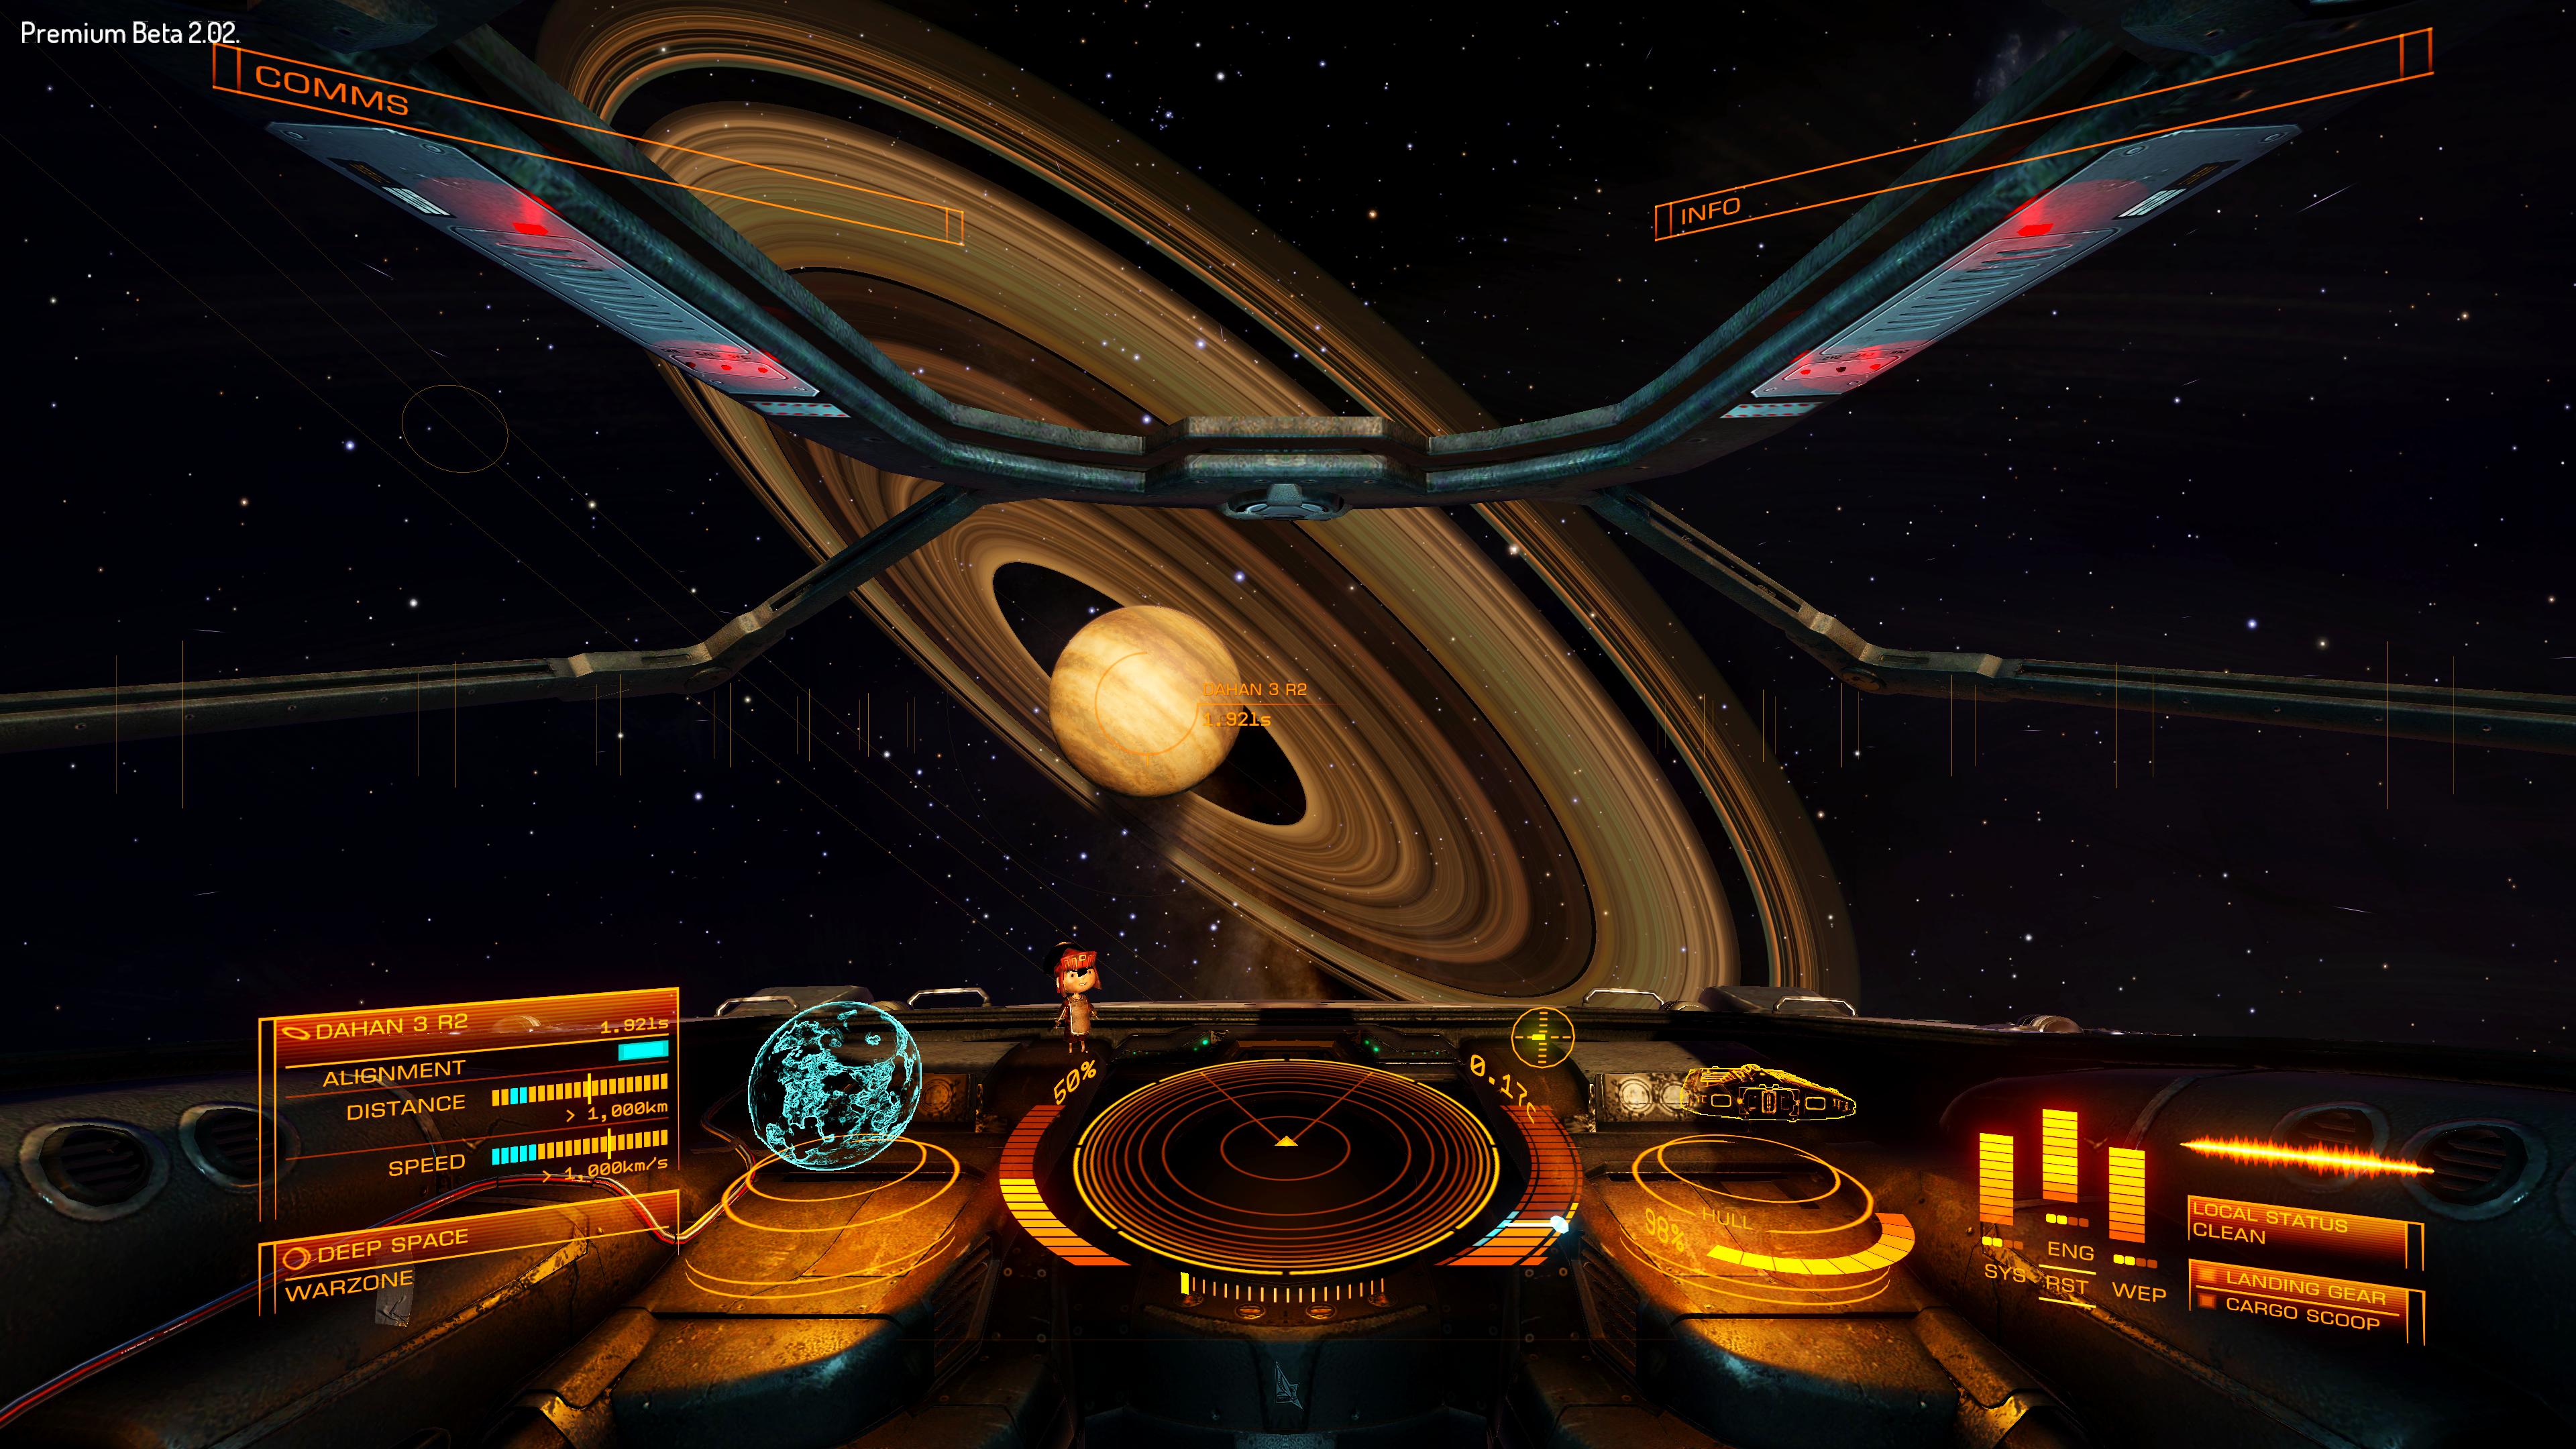 Для Oculus полно технологических демо, но на подходе и серьезные игры. На скриншоте — Elite Dangerous, прямой наследник легендарной Elite